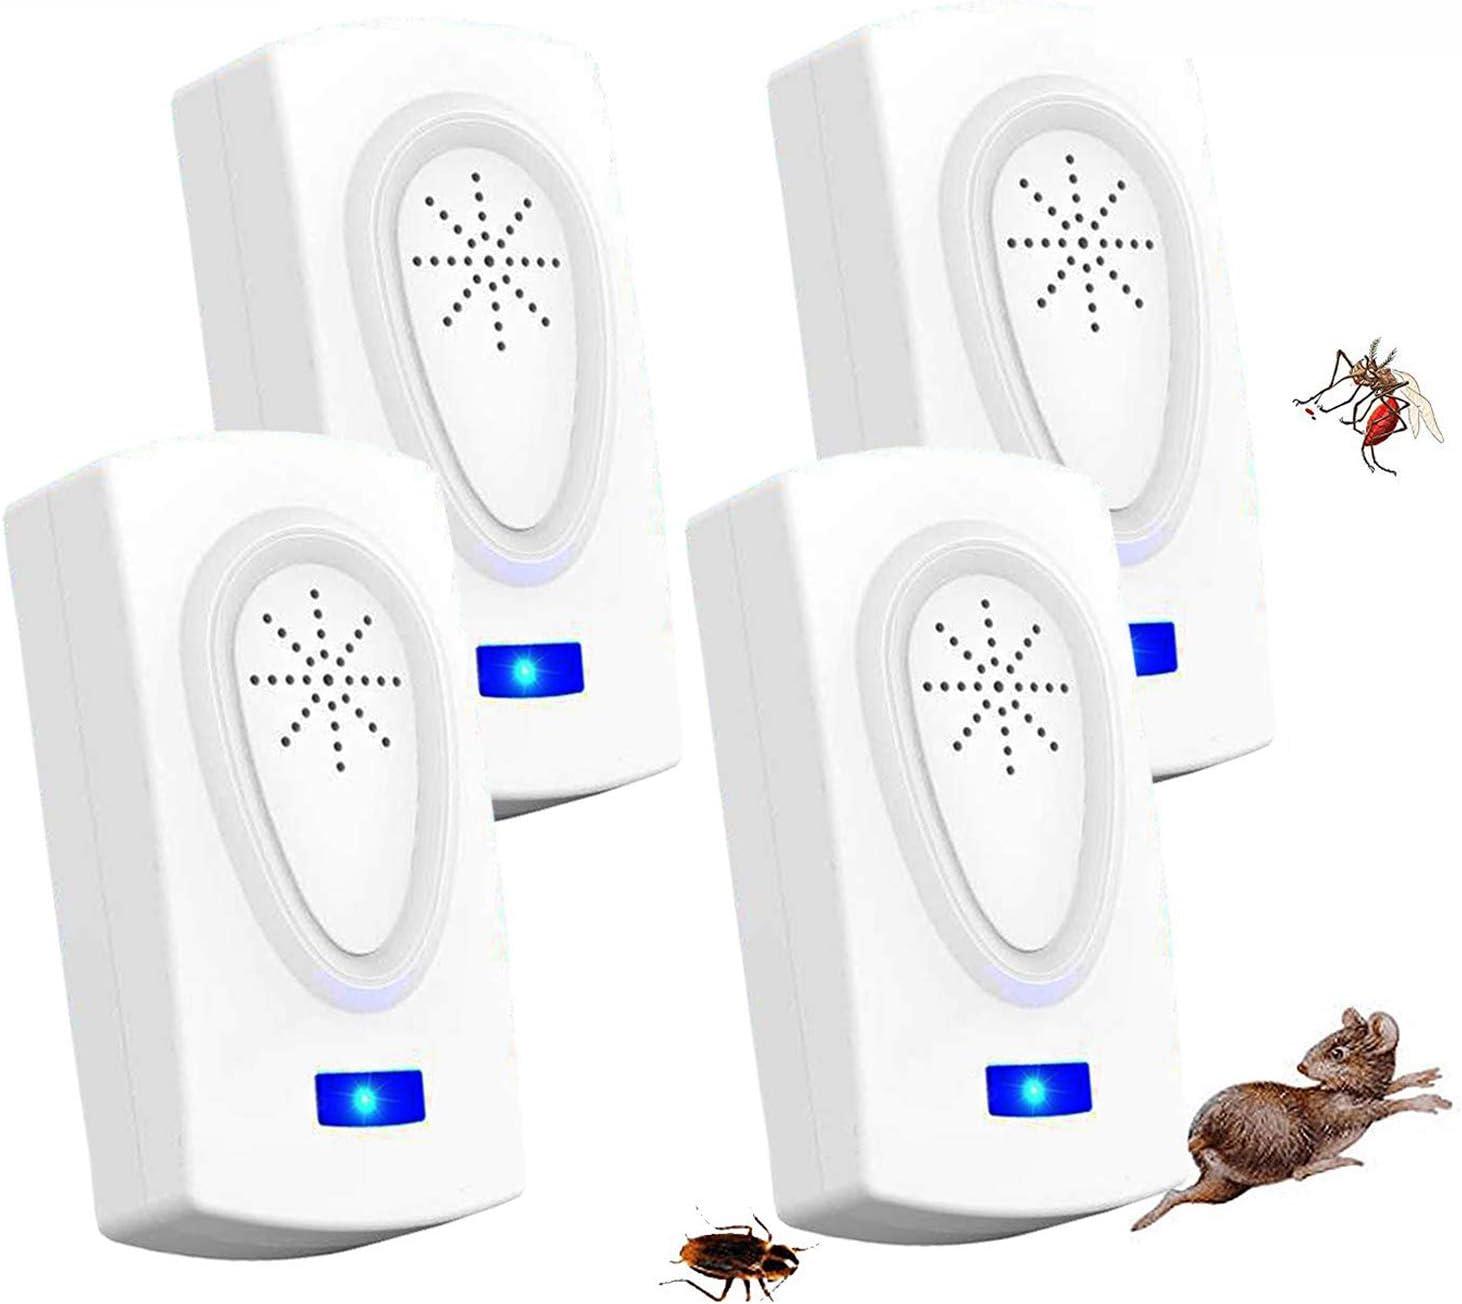 ZHENROG Antimosquitos,Repelente Ultrasonico,2020 Repelente Ultrasónico de Control de Plagas,Anti Cucarachas, Moscas, Mosquitos, Ratones, Arañas,100% Inofensivo para Mascotas y Humanos(4-Packs)